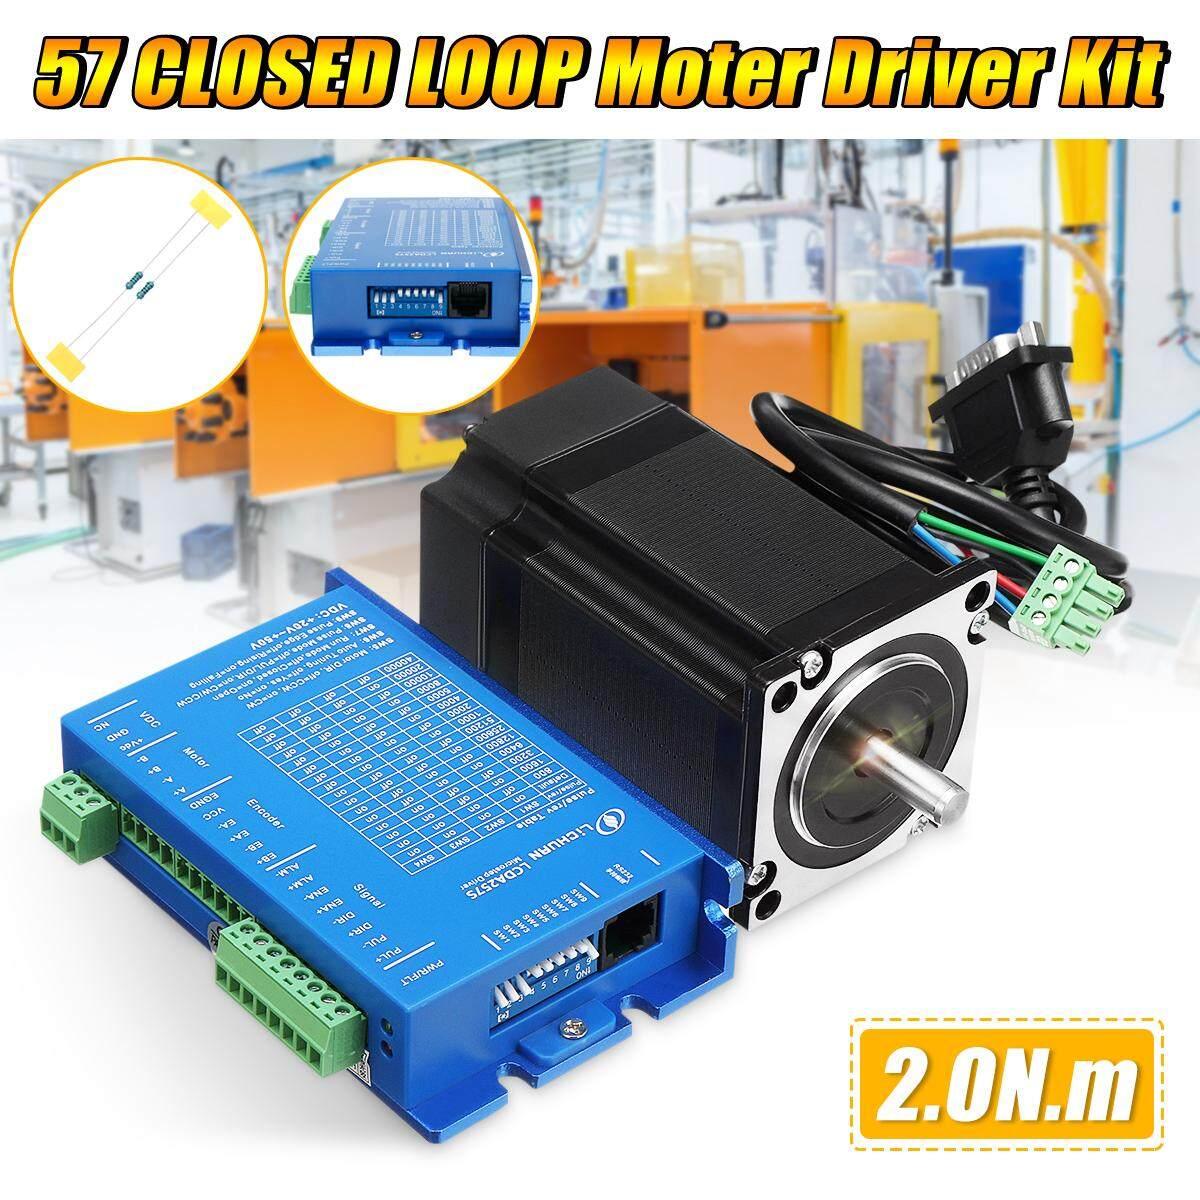 Baru 2 Phase 57 Loop Tertutup Motor Steper 2 N.m. Driver Kit Lcda257s + Lc57h276 By Motorup.